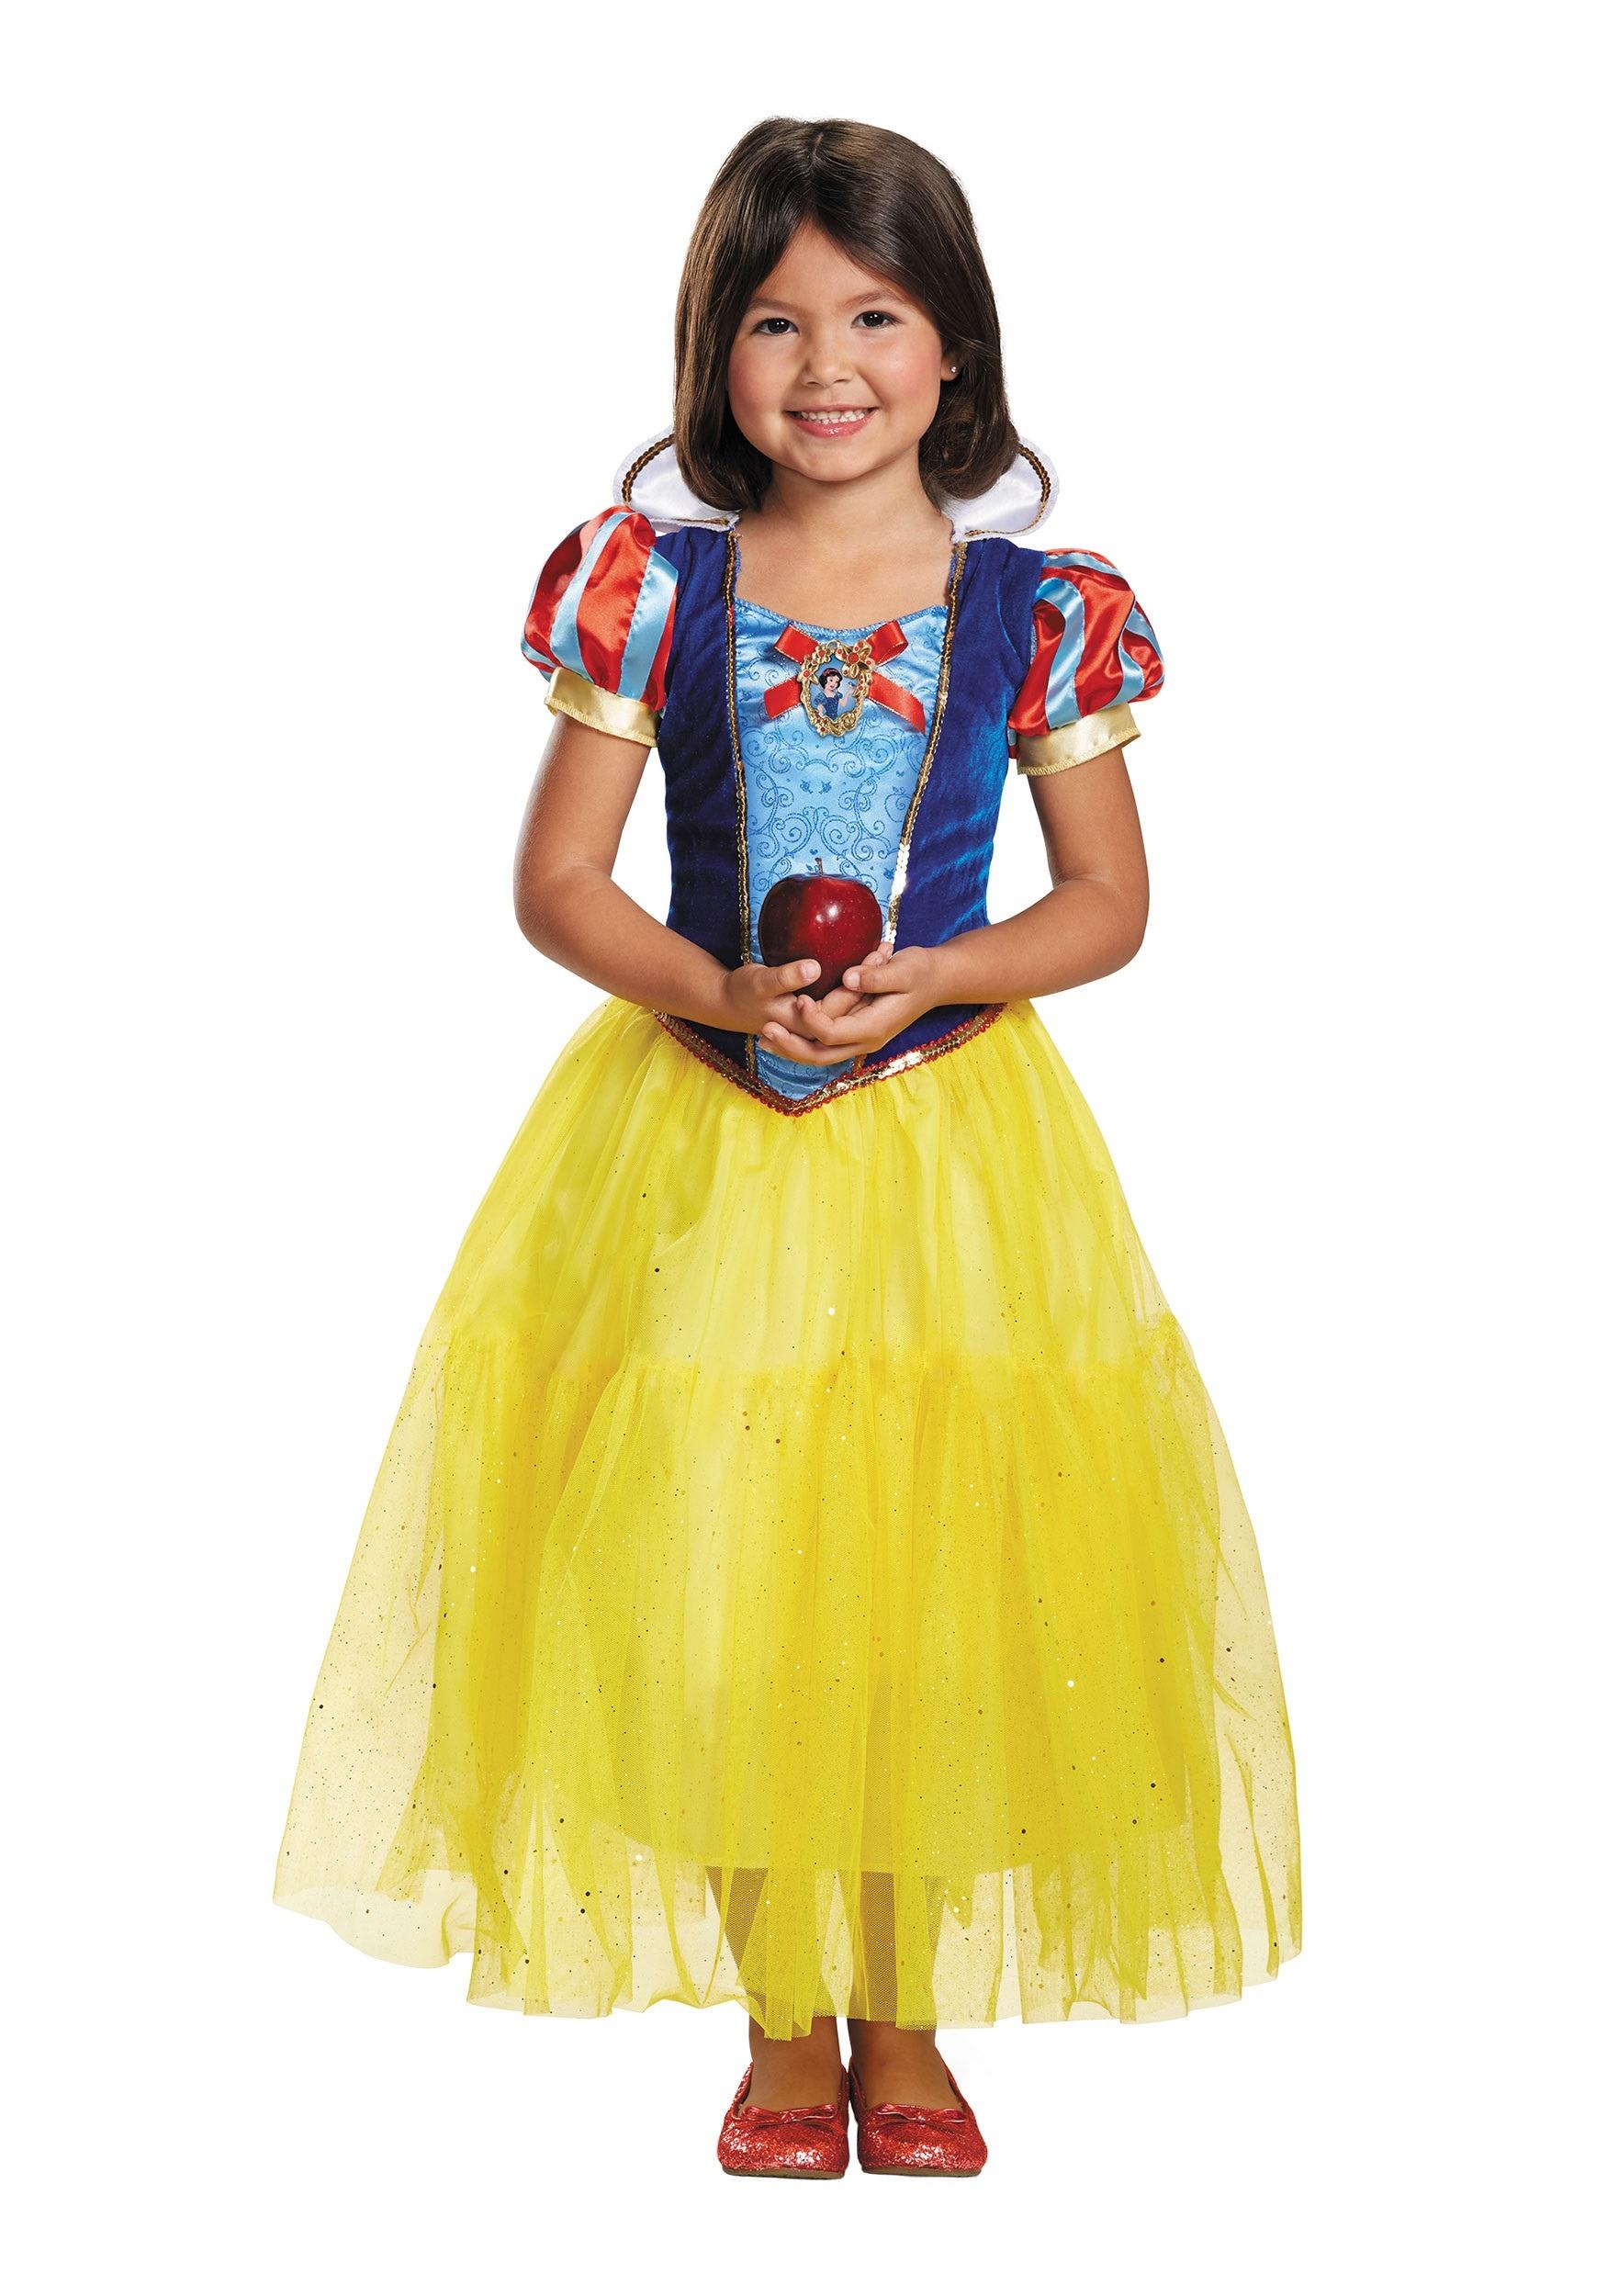 Brand New 2018 Disney Snow White Deluxe Child Costume